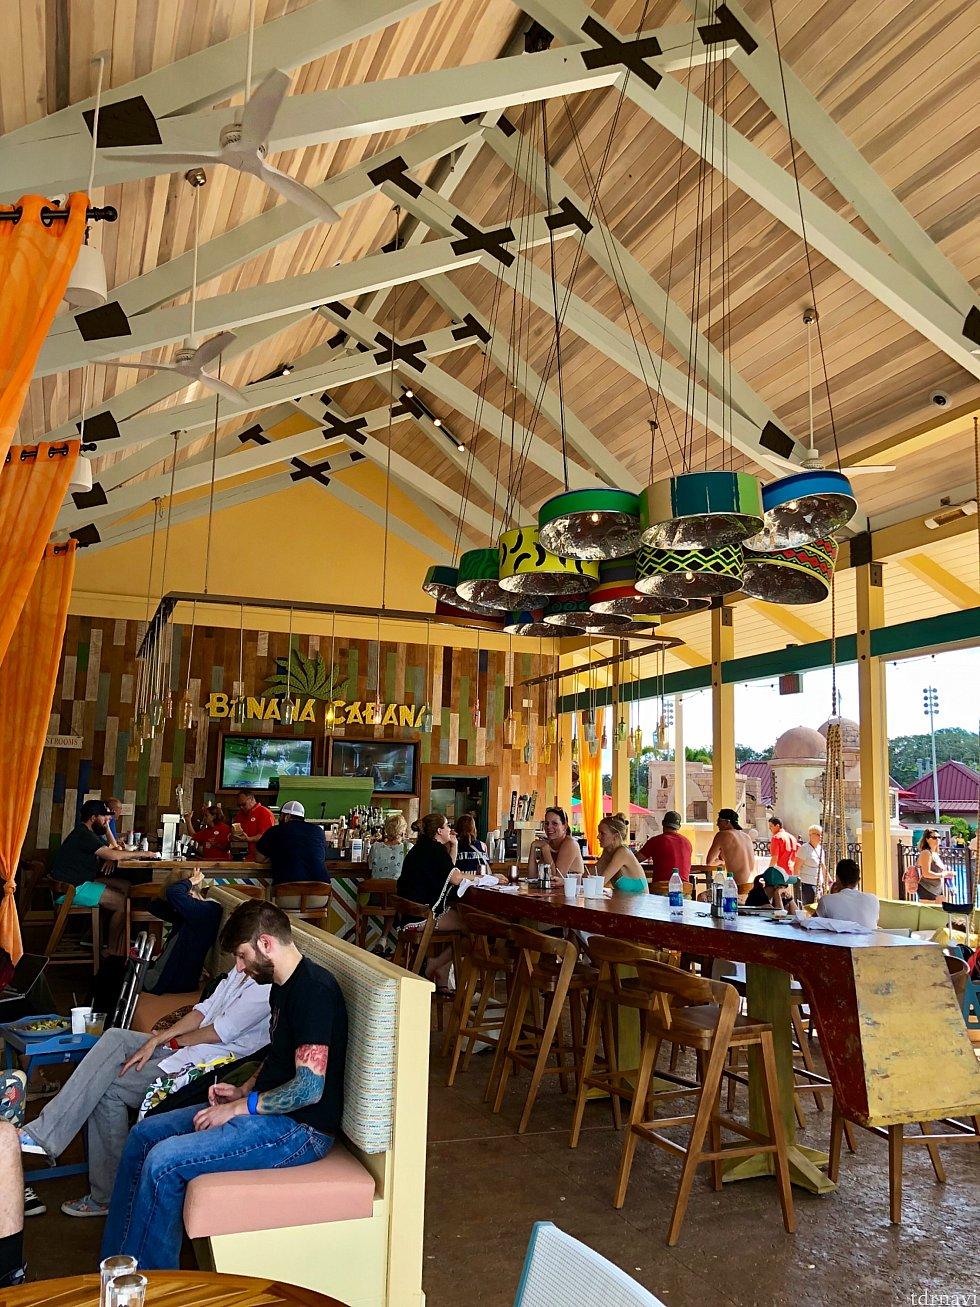 プールサイドに面し、レストランに隣接しているバーも楽しそうな雰囲気。よりカリビアンテイストがあって良いですよね!